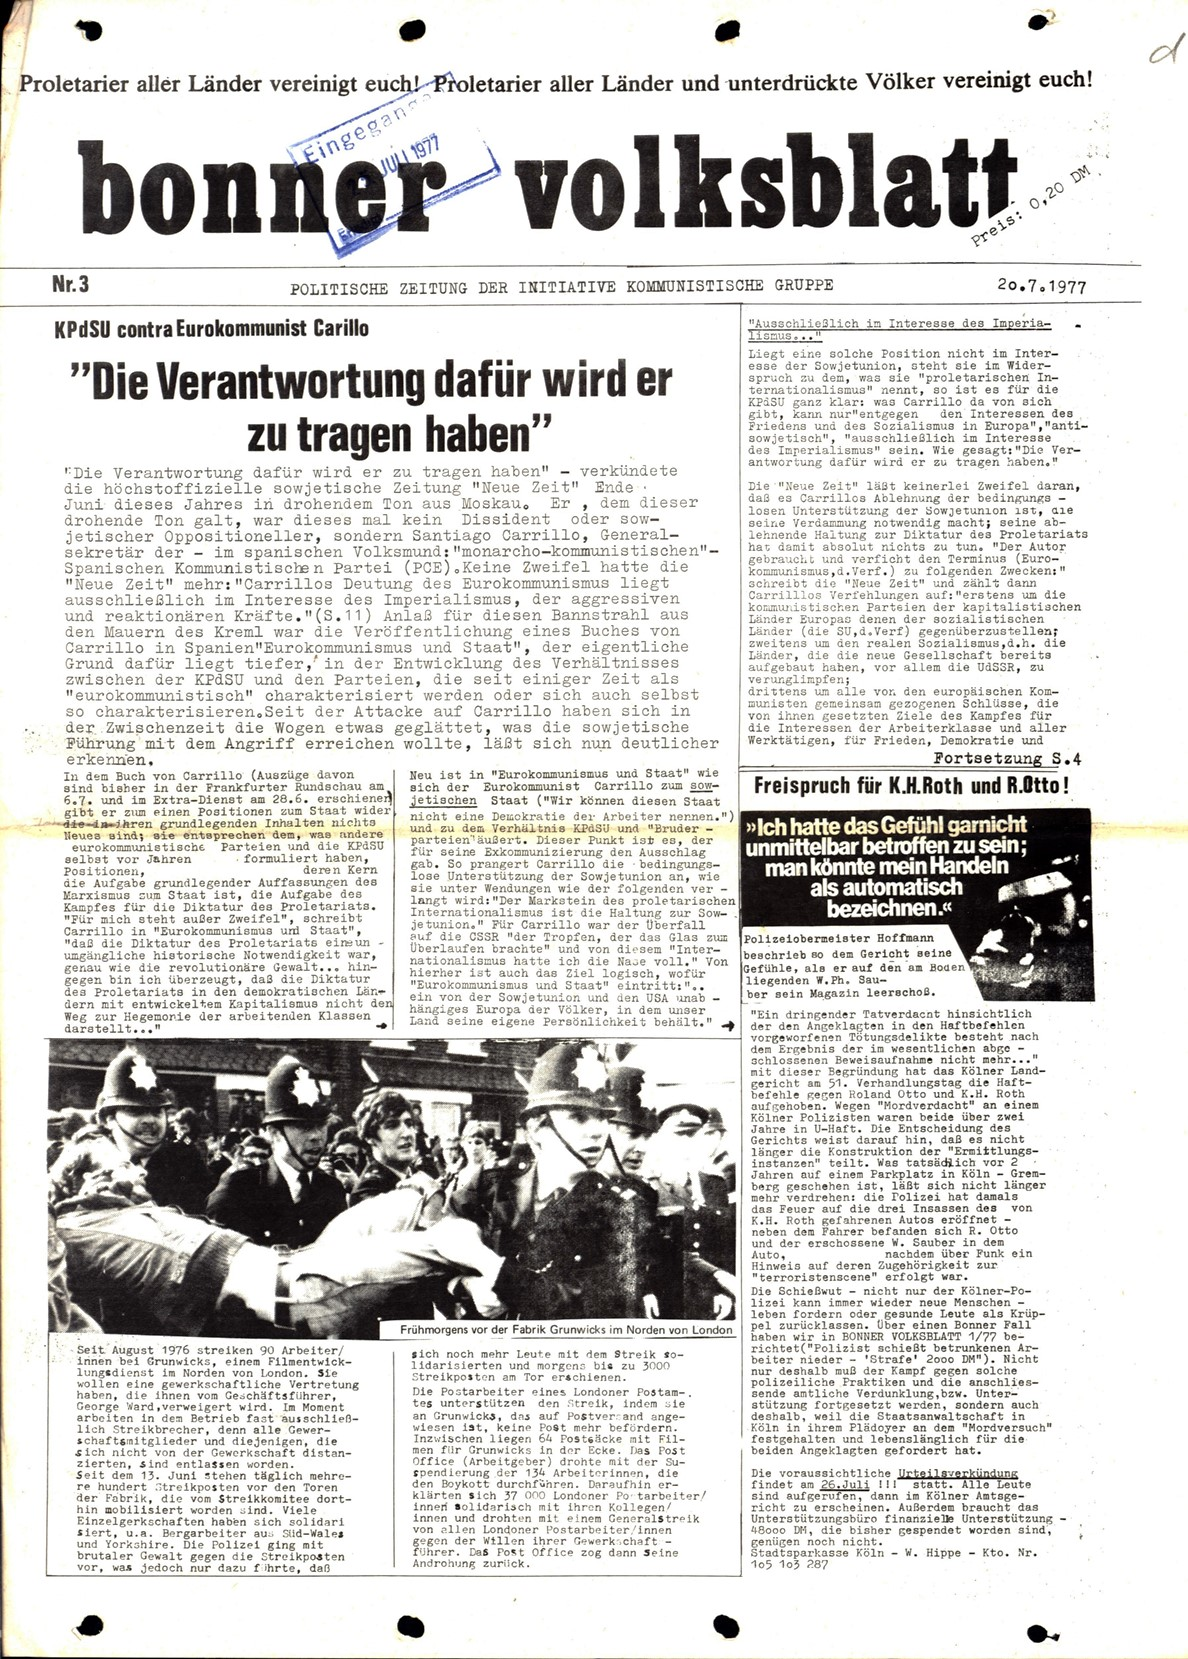 Bonner_Volksblatt_03_19770720_01